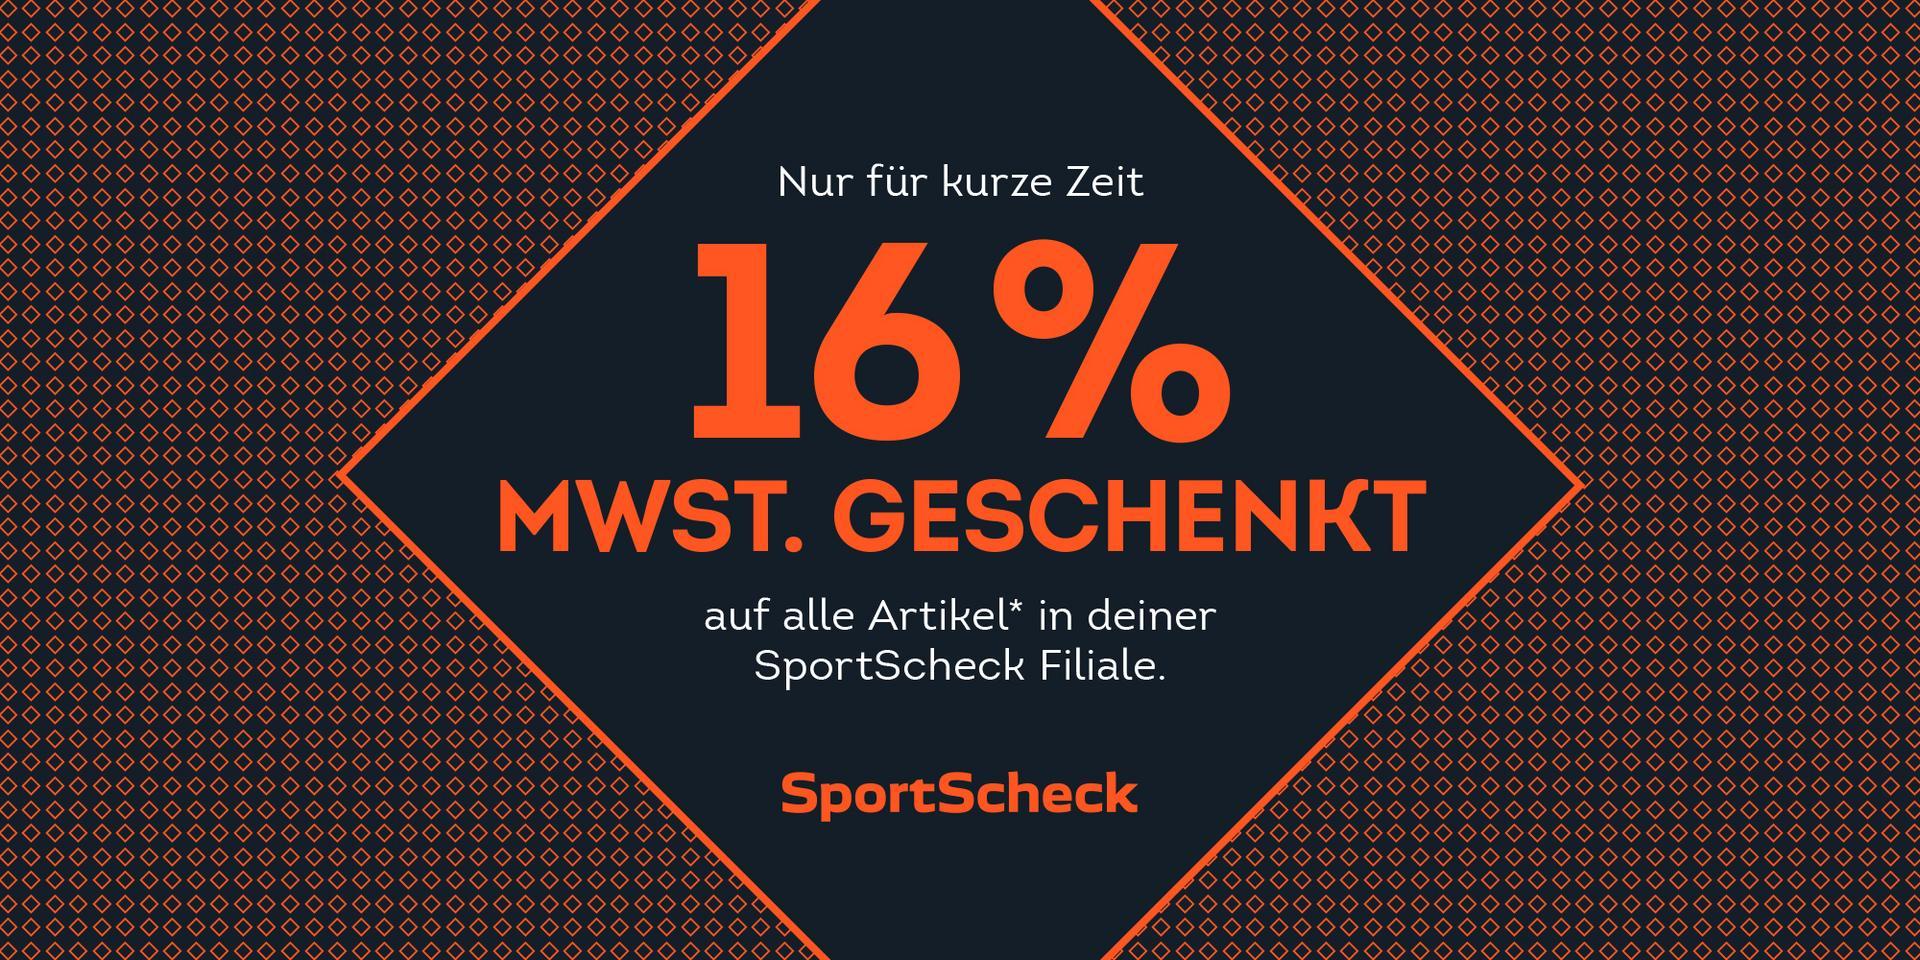 sportscheck-aktion-mehrwertsteuer-geschenkt